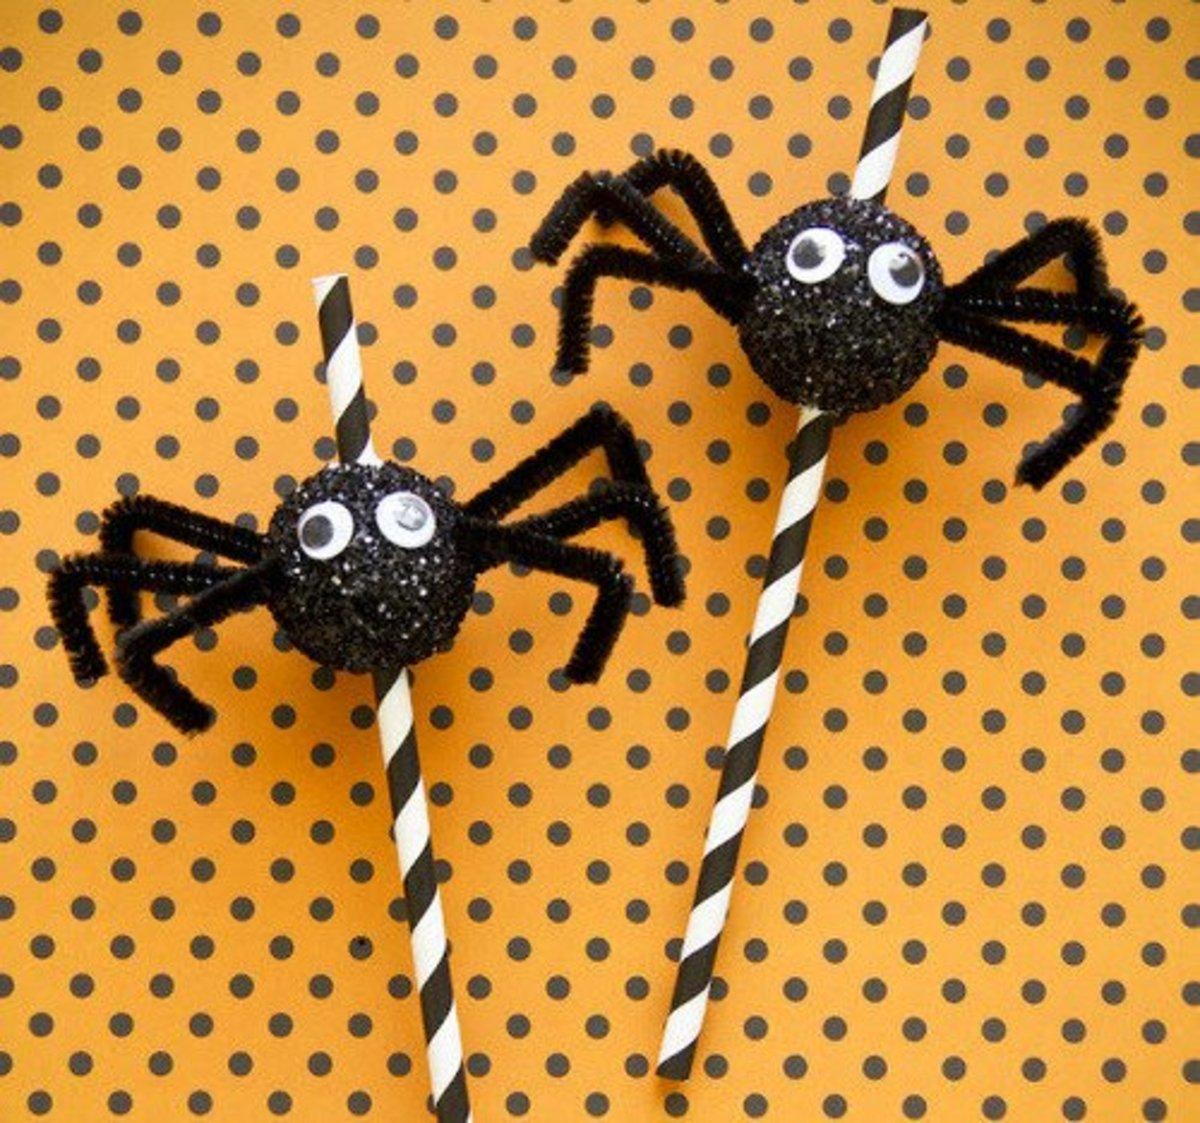 39 Creepy Spider Craft Ideas